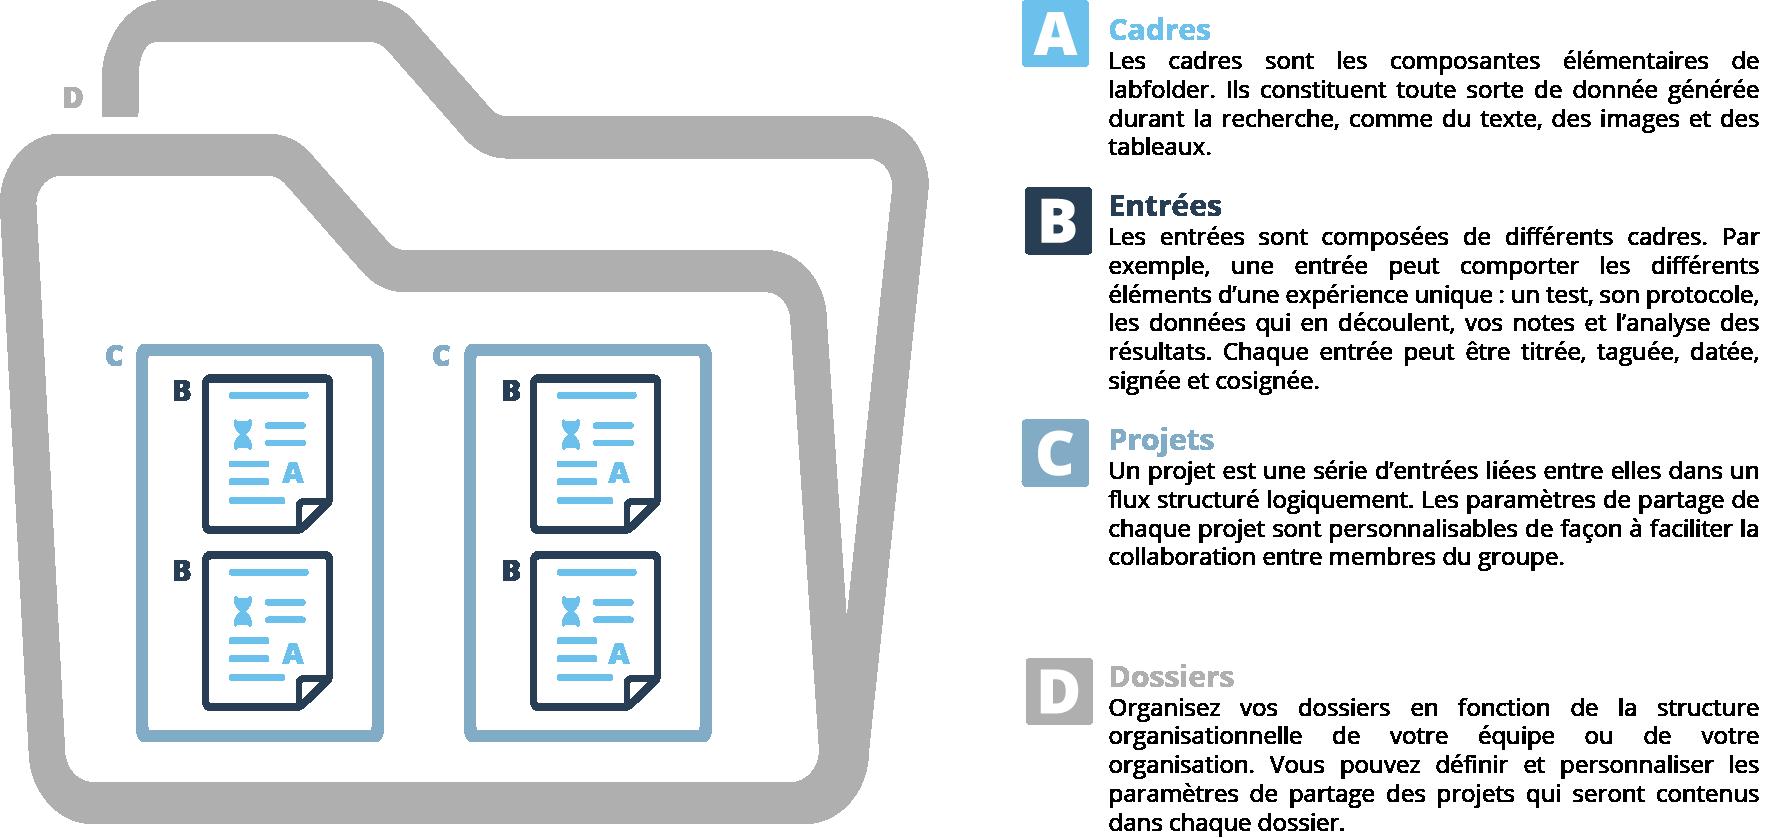 labfolder hierarchy